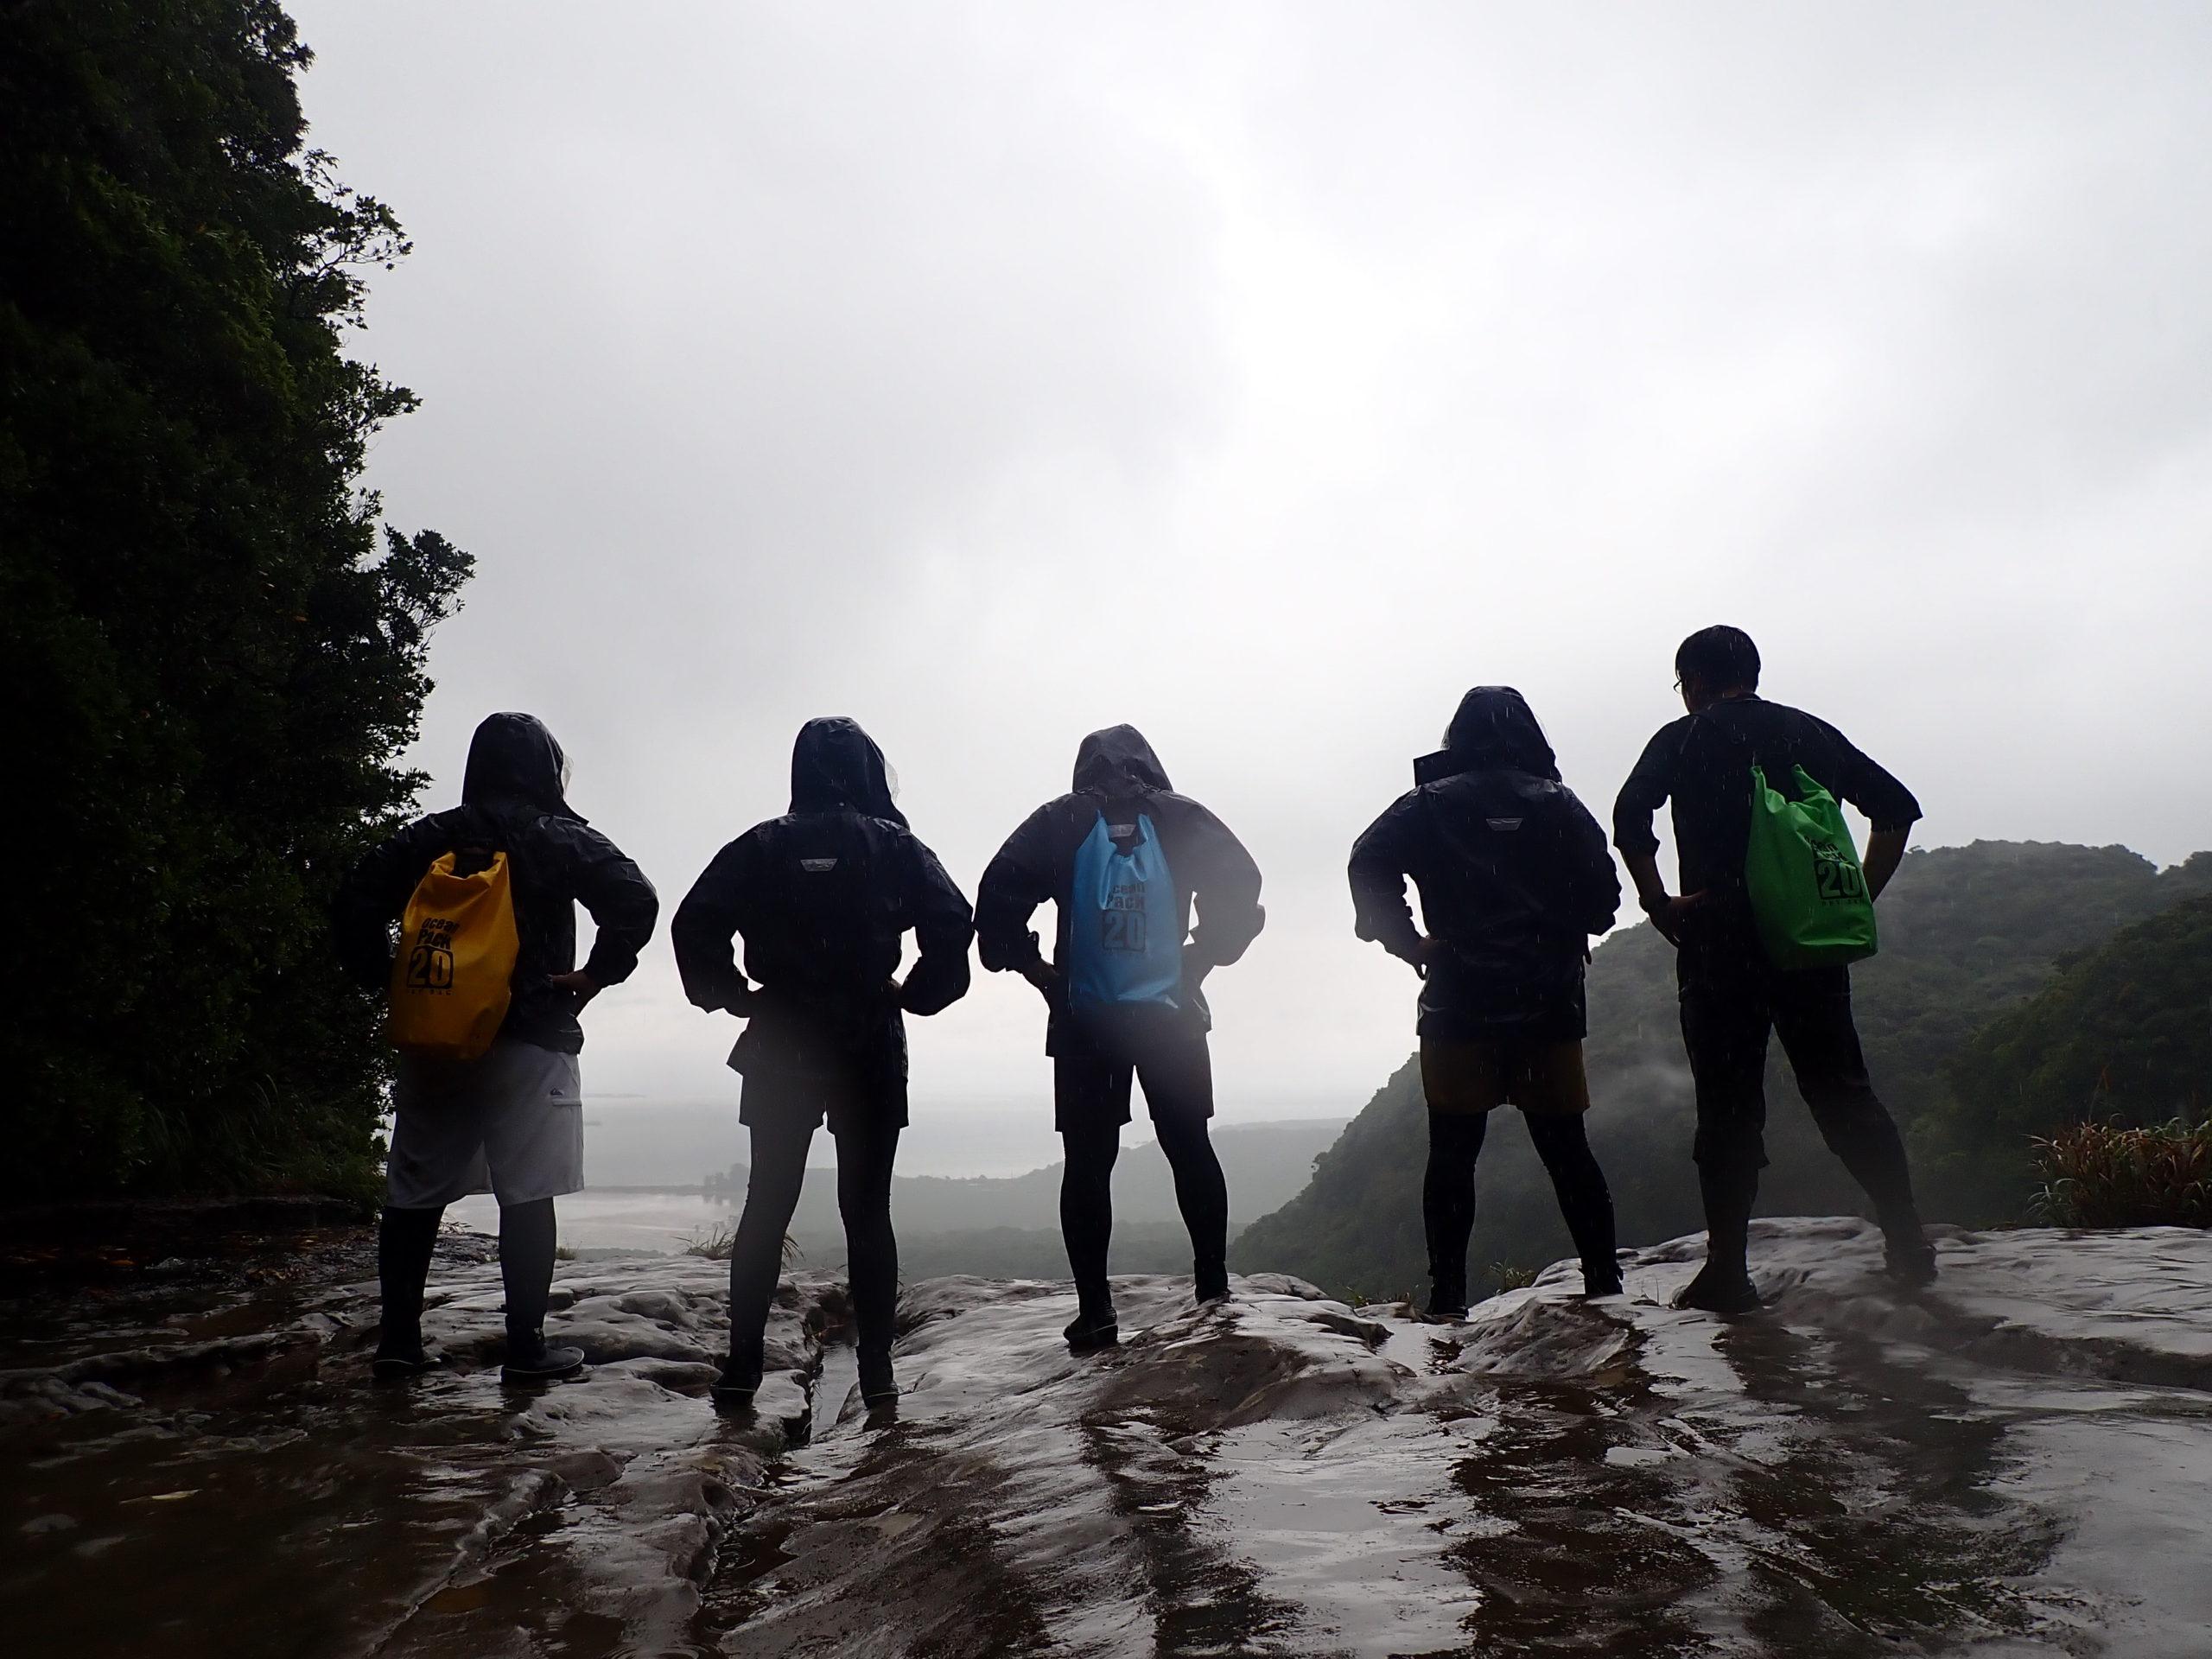 思い出はいつの日も雨(^^)楽しんだもん勝ち 西表島ピナイサーラの滝カヌーツアー